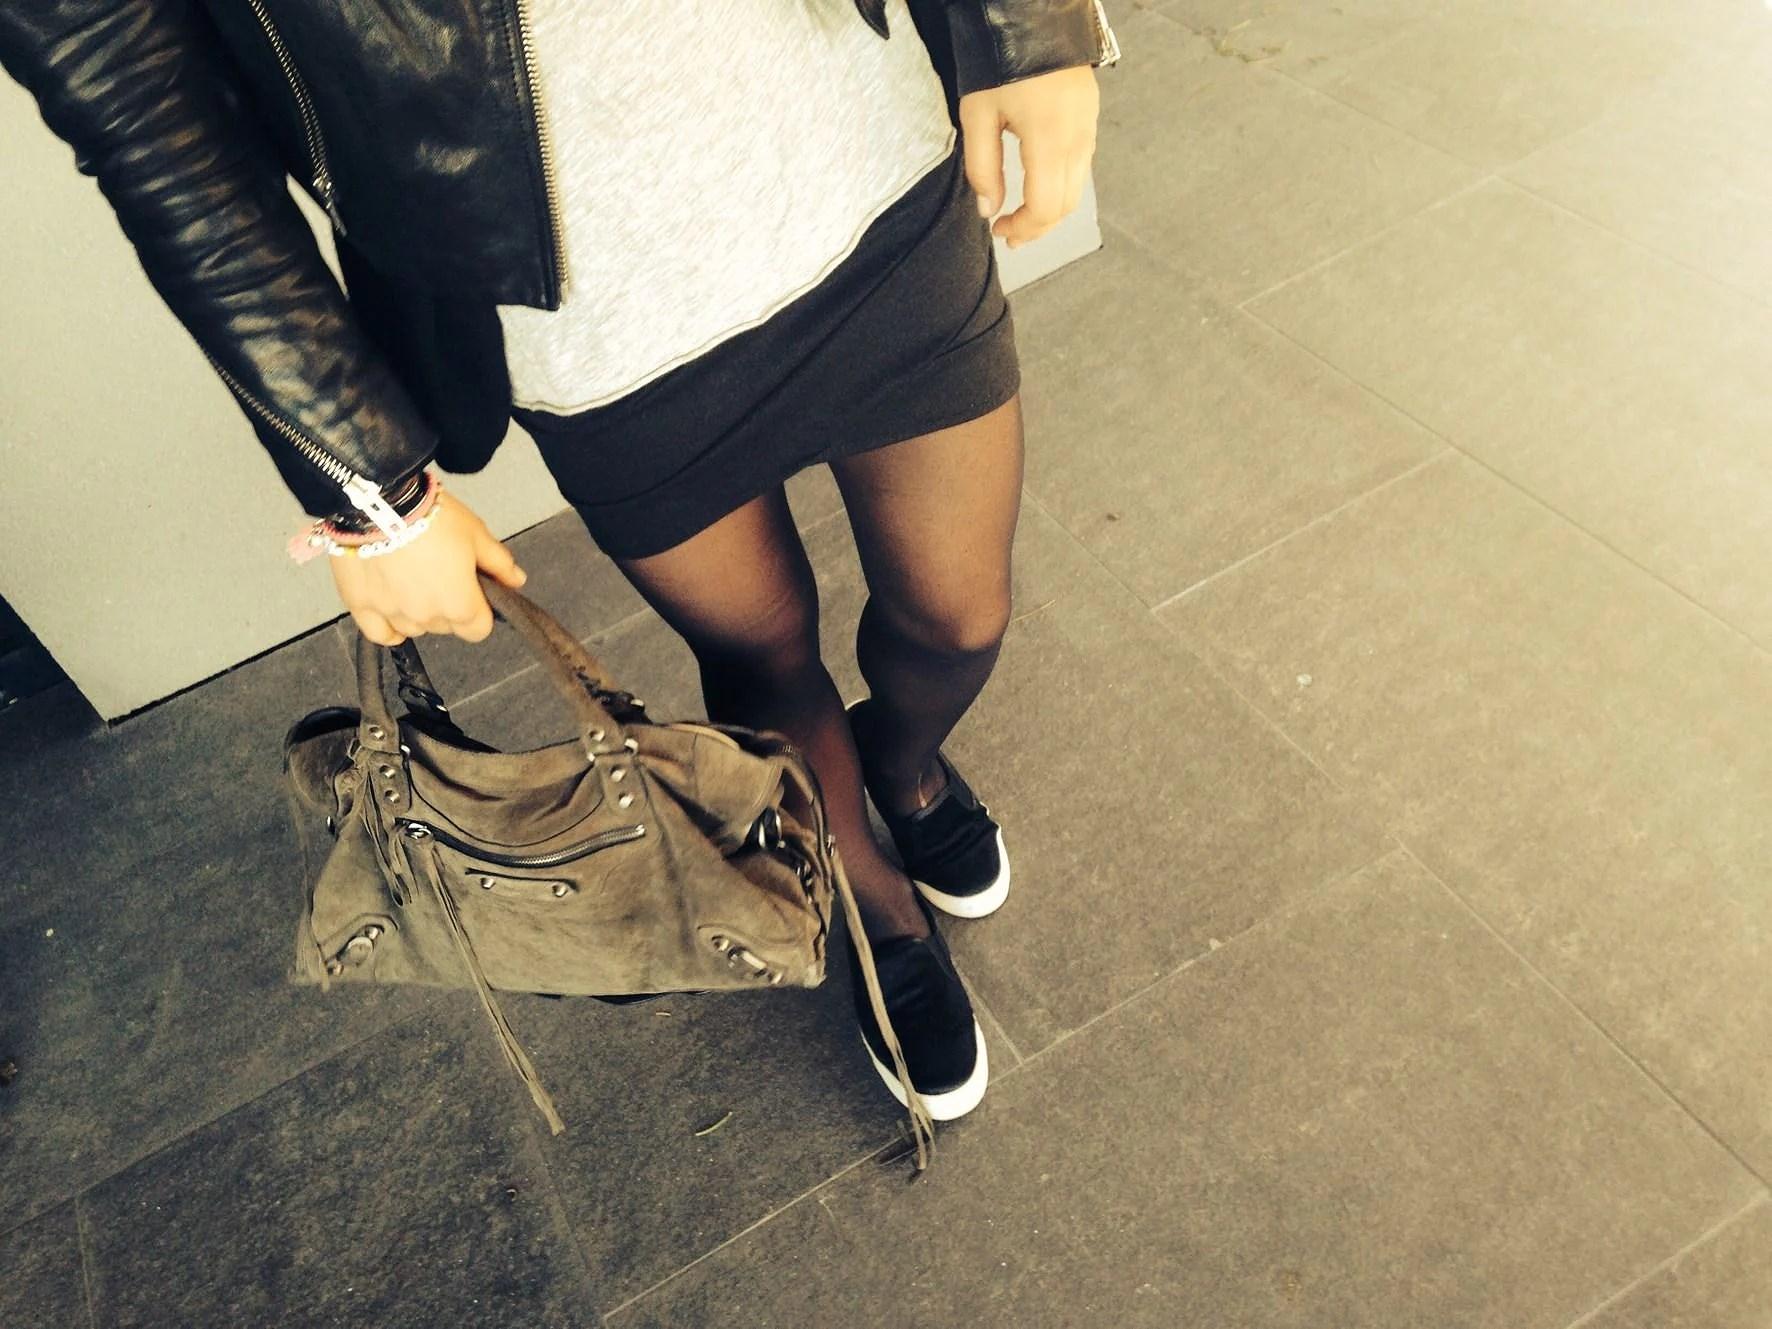 Balenciaga Väska Säljes : Outfit in transfer gertrudes